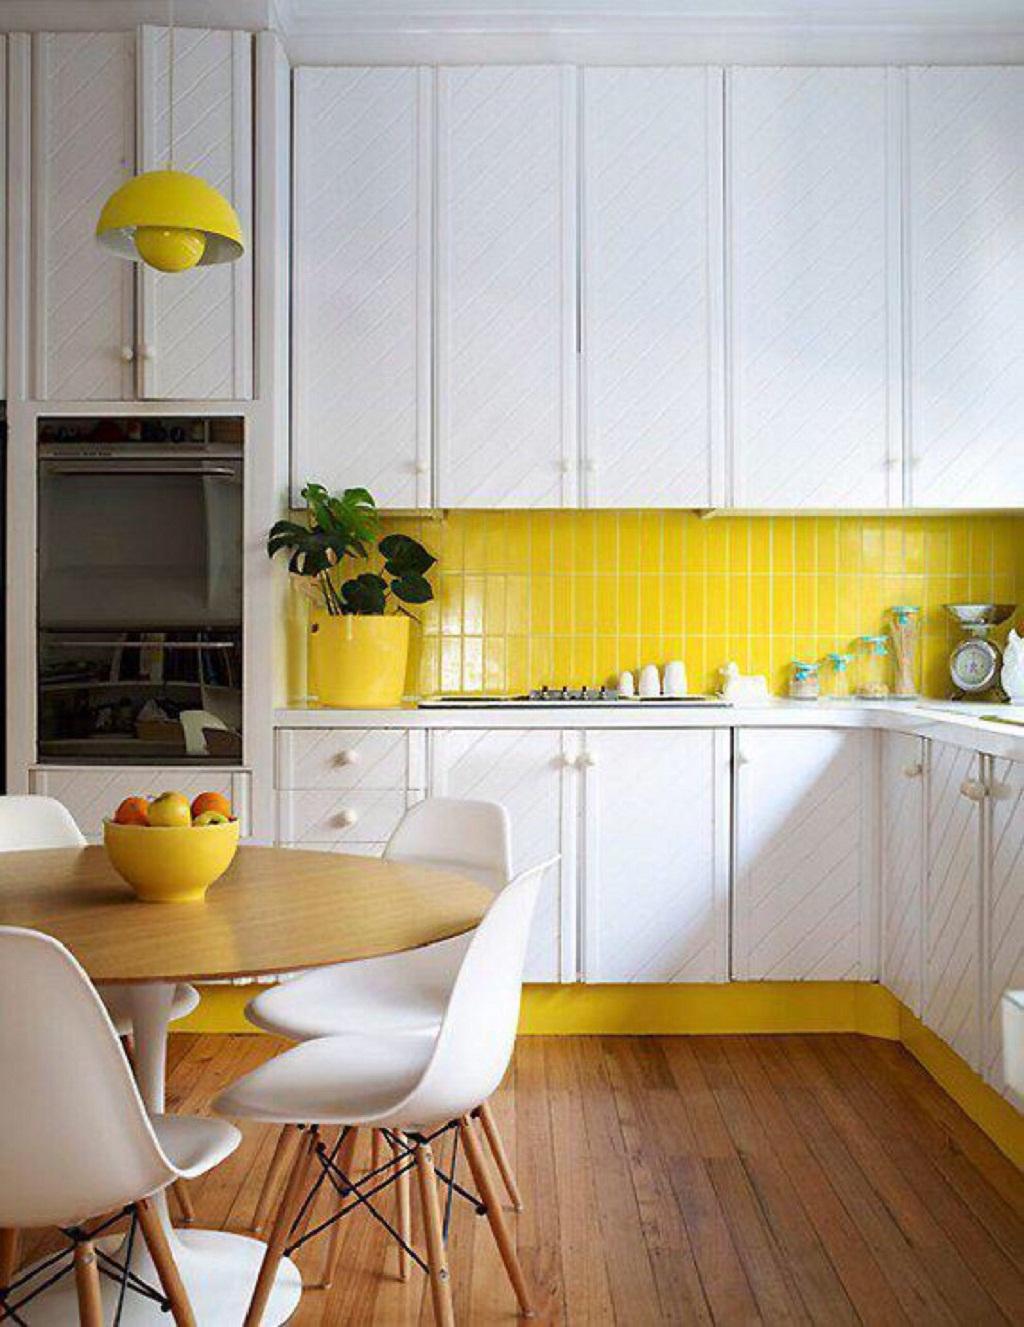 Thiết kế phòng bếp màu vàng chanh nổi bật ấn tượng - 13